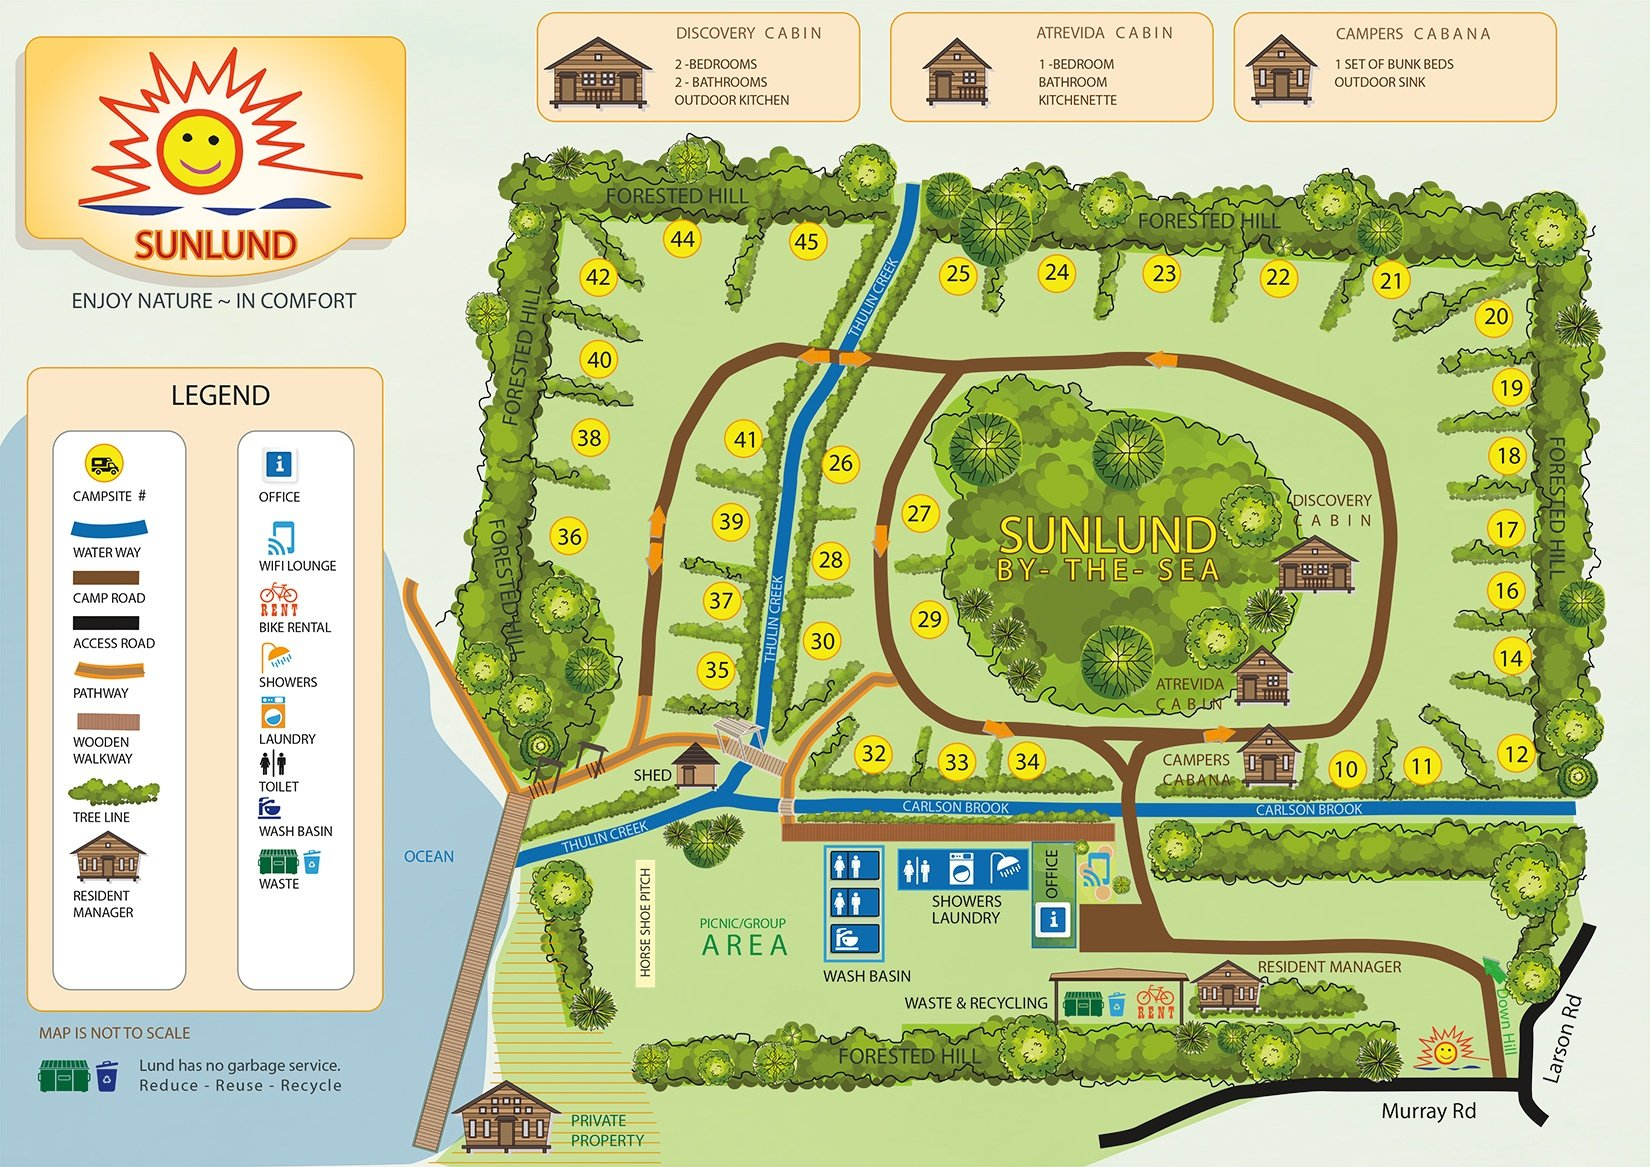 SunLund ByTheSea RV Campground 38 Cabins Map